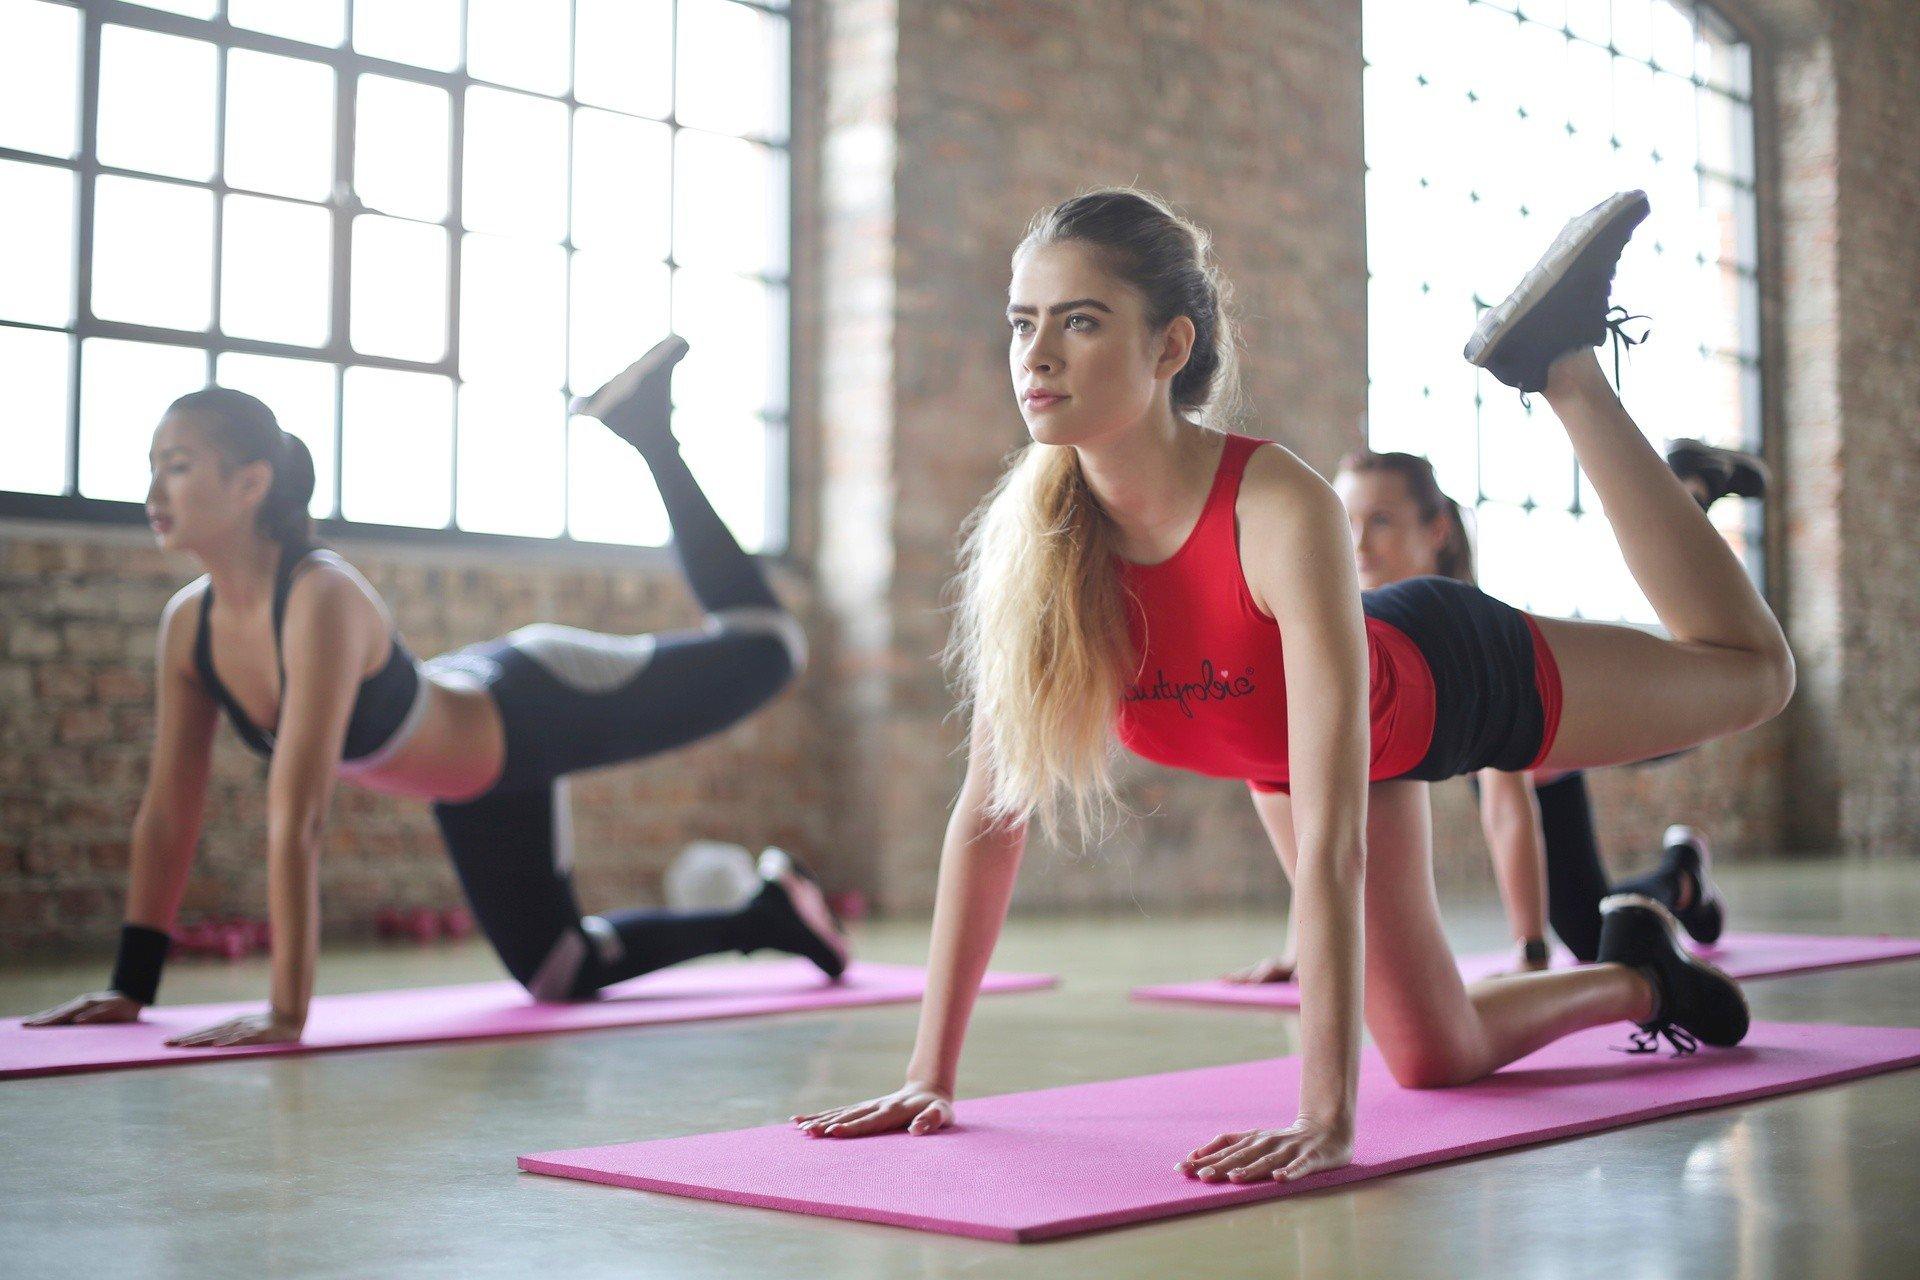 Ćwiczenia aby szybko schudnąć w domu